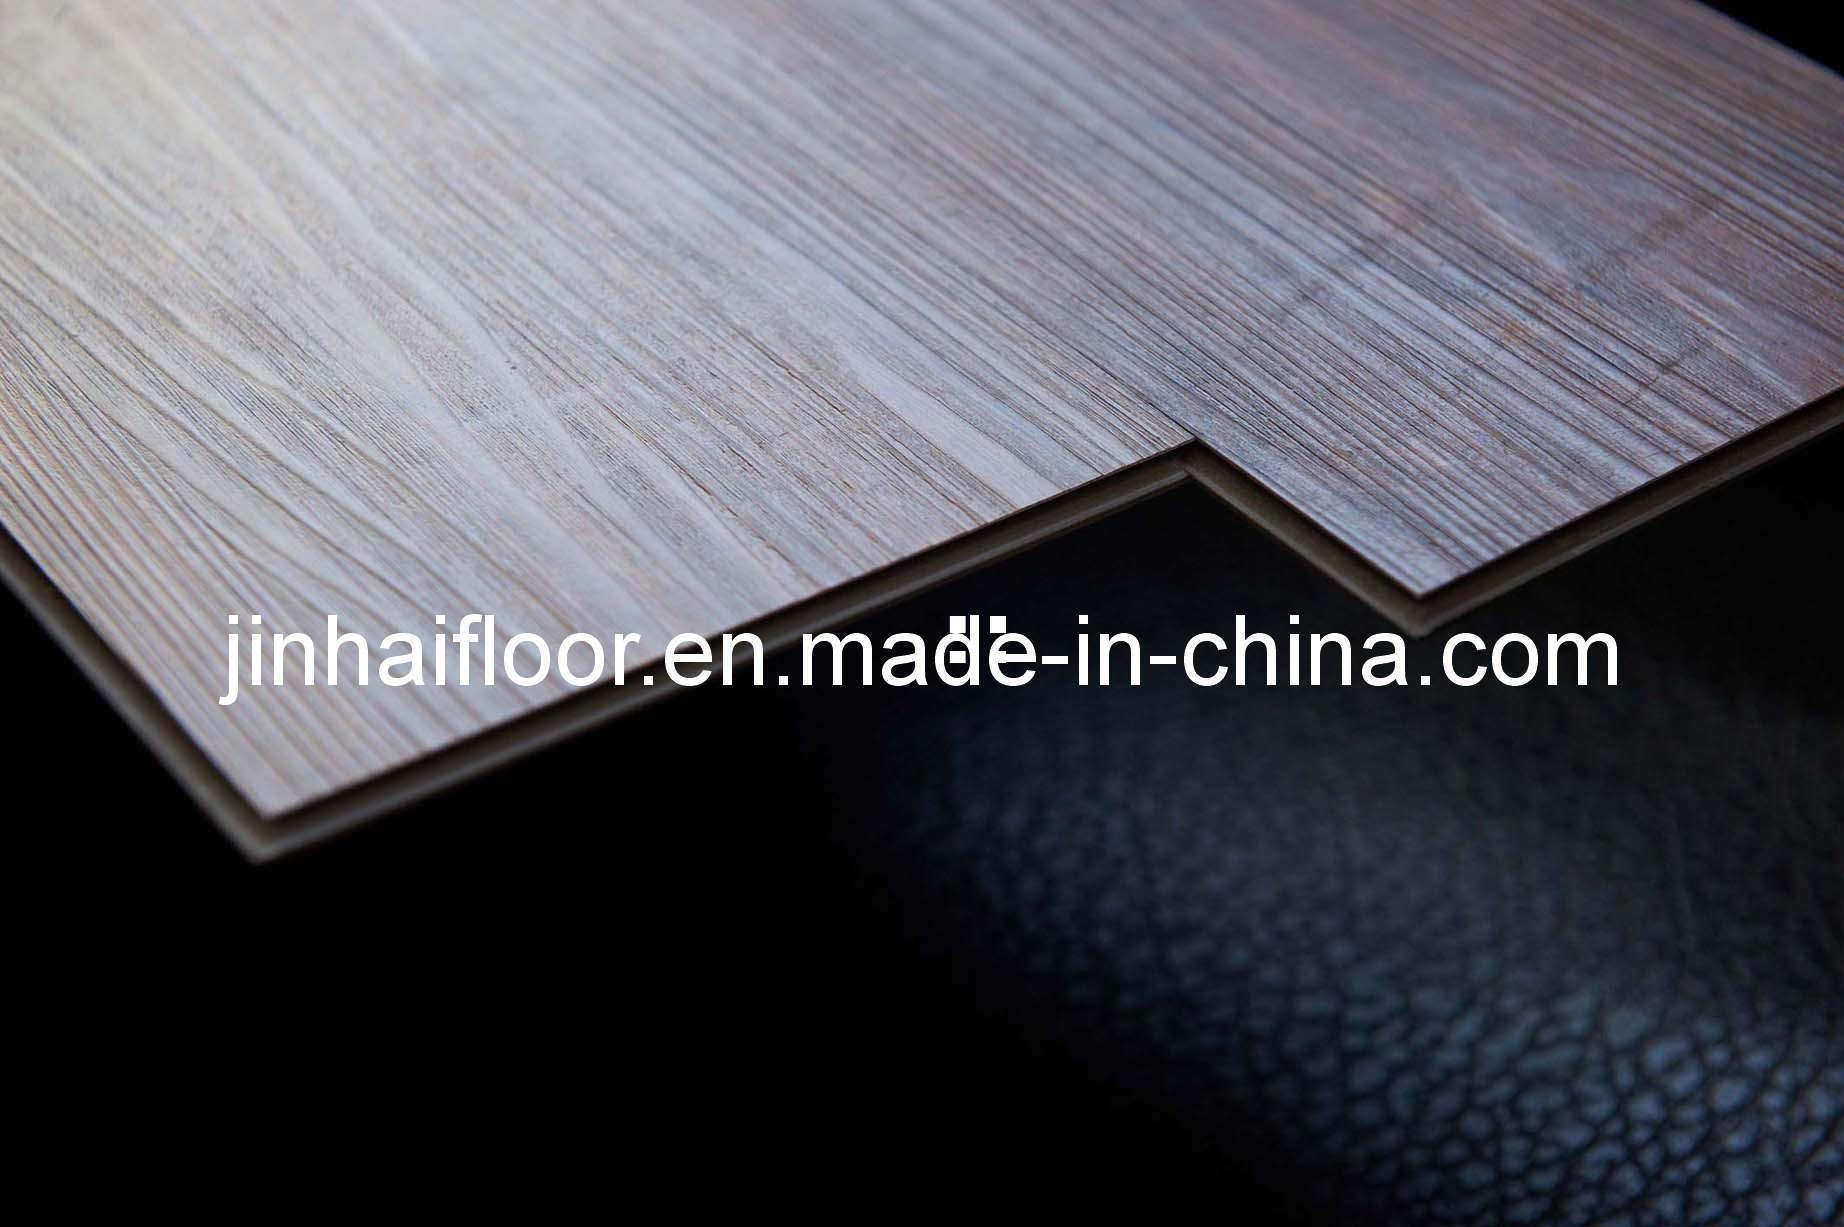 Vinyl Plank Flooring Click Vinyl Plank Flooring